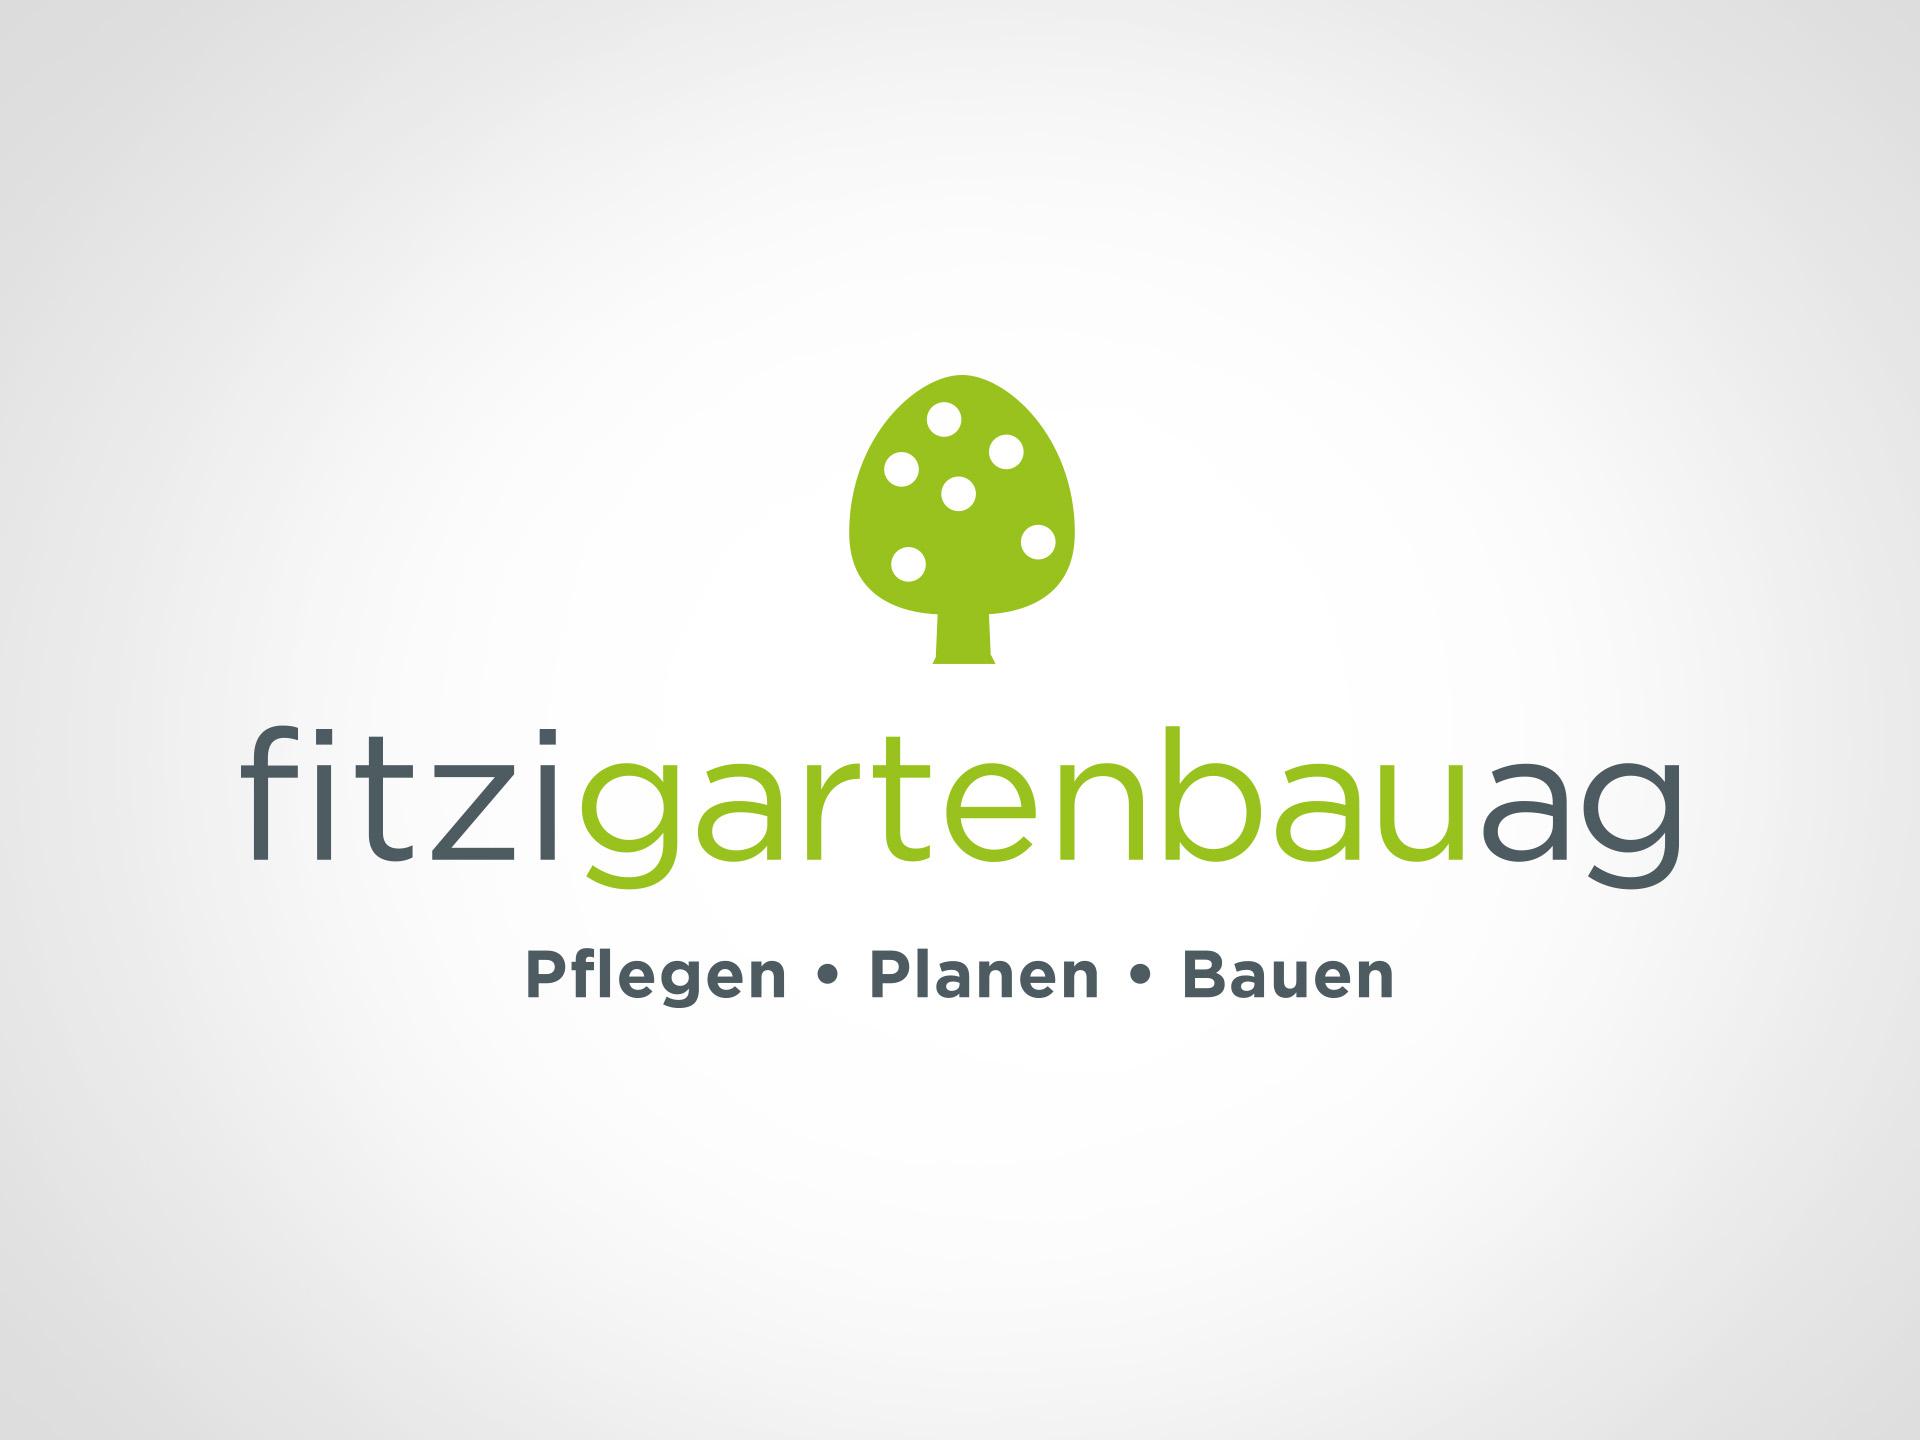 SM Graphic Design Referenzen Webdesign Logo Illustration Fitz Gartenbau